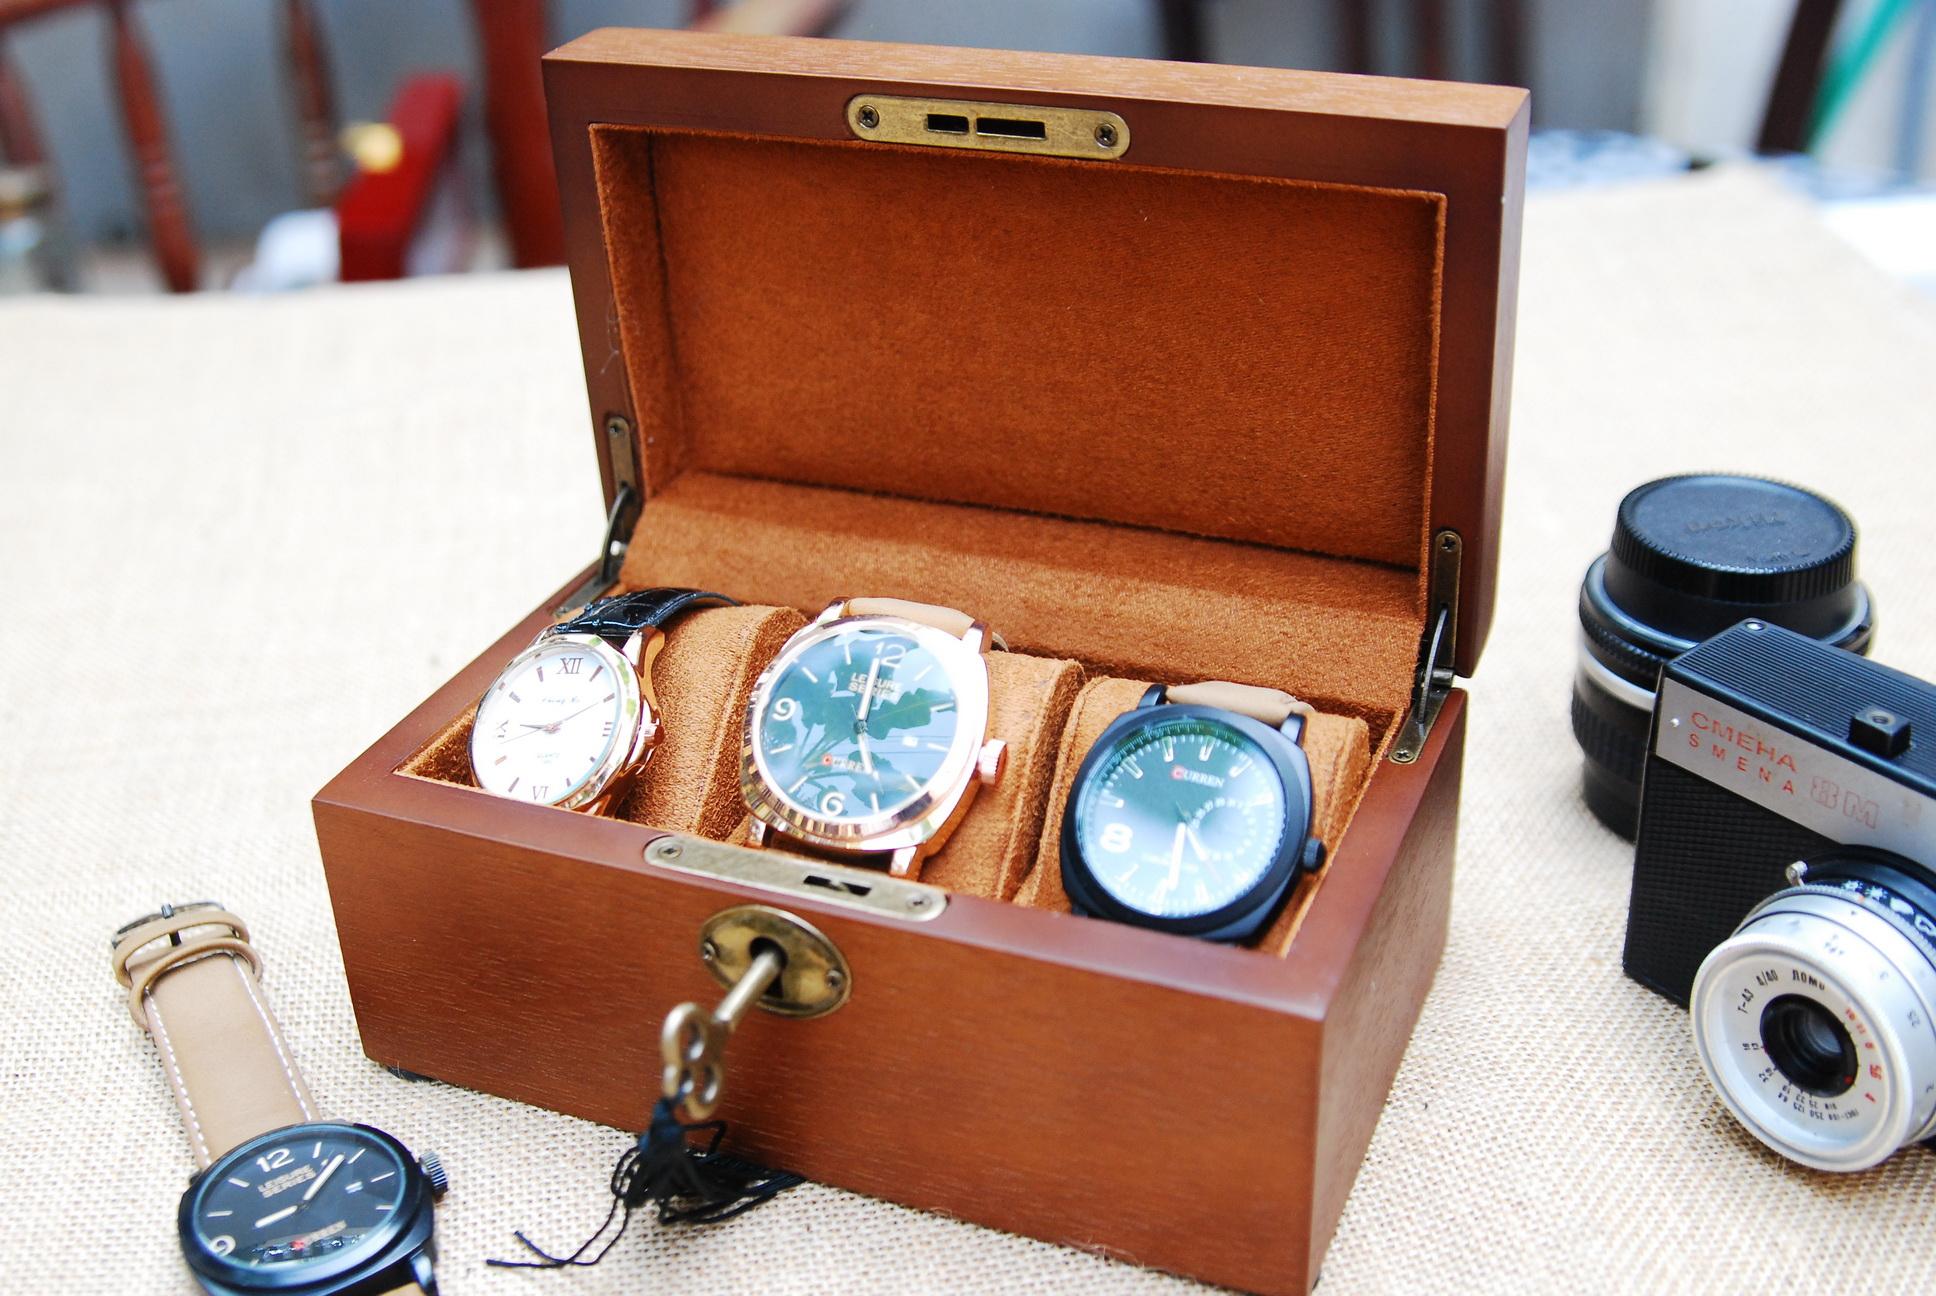 กล่องไม้เก็บนาฬิกา 3 เรือน